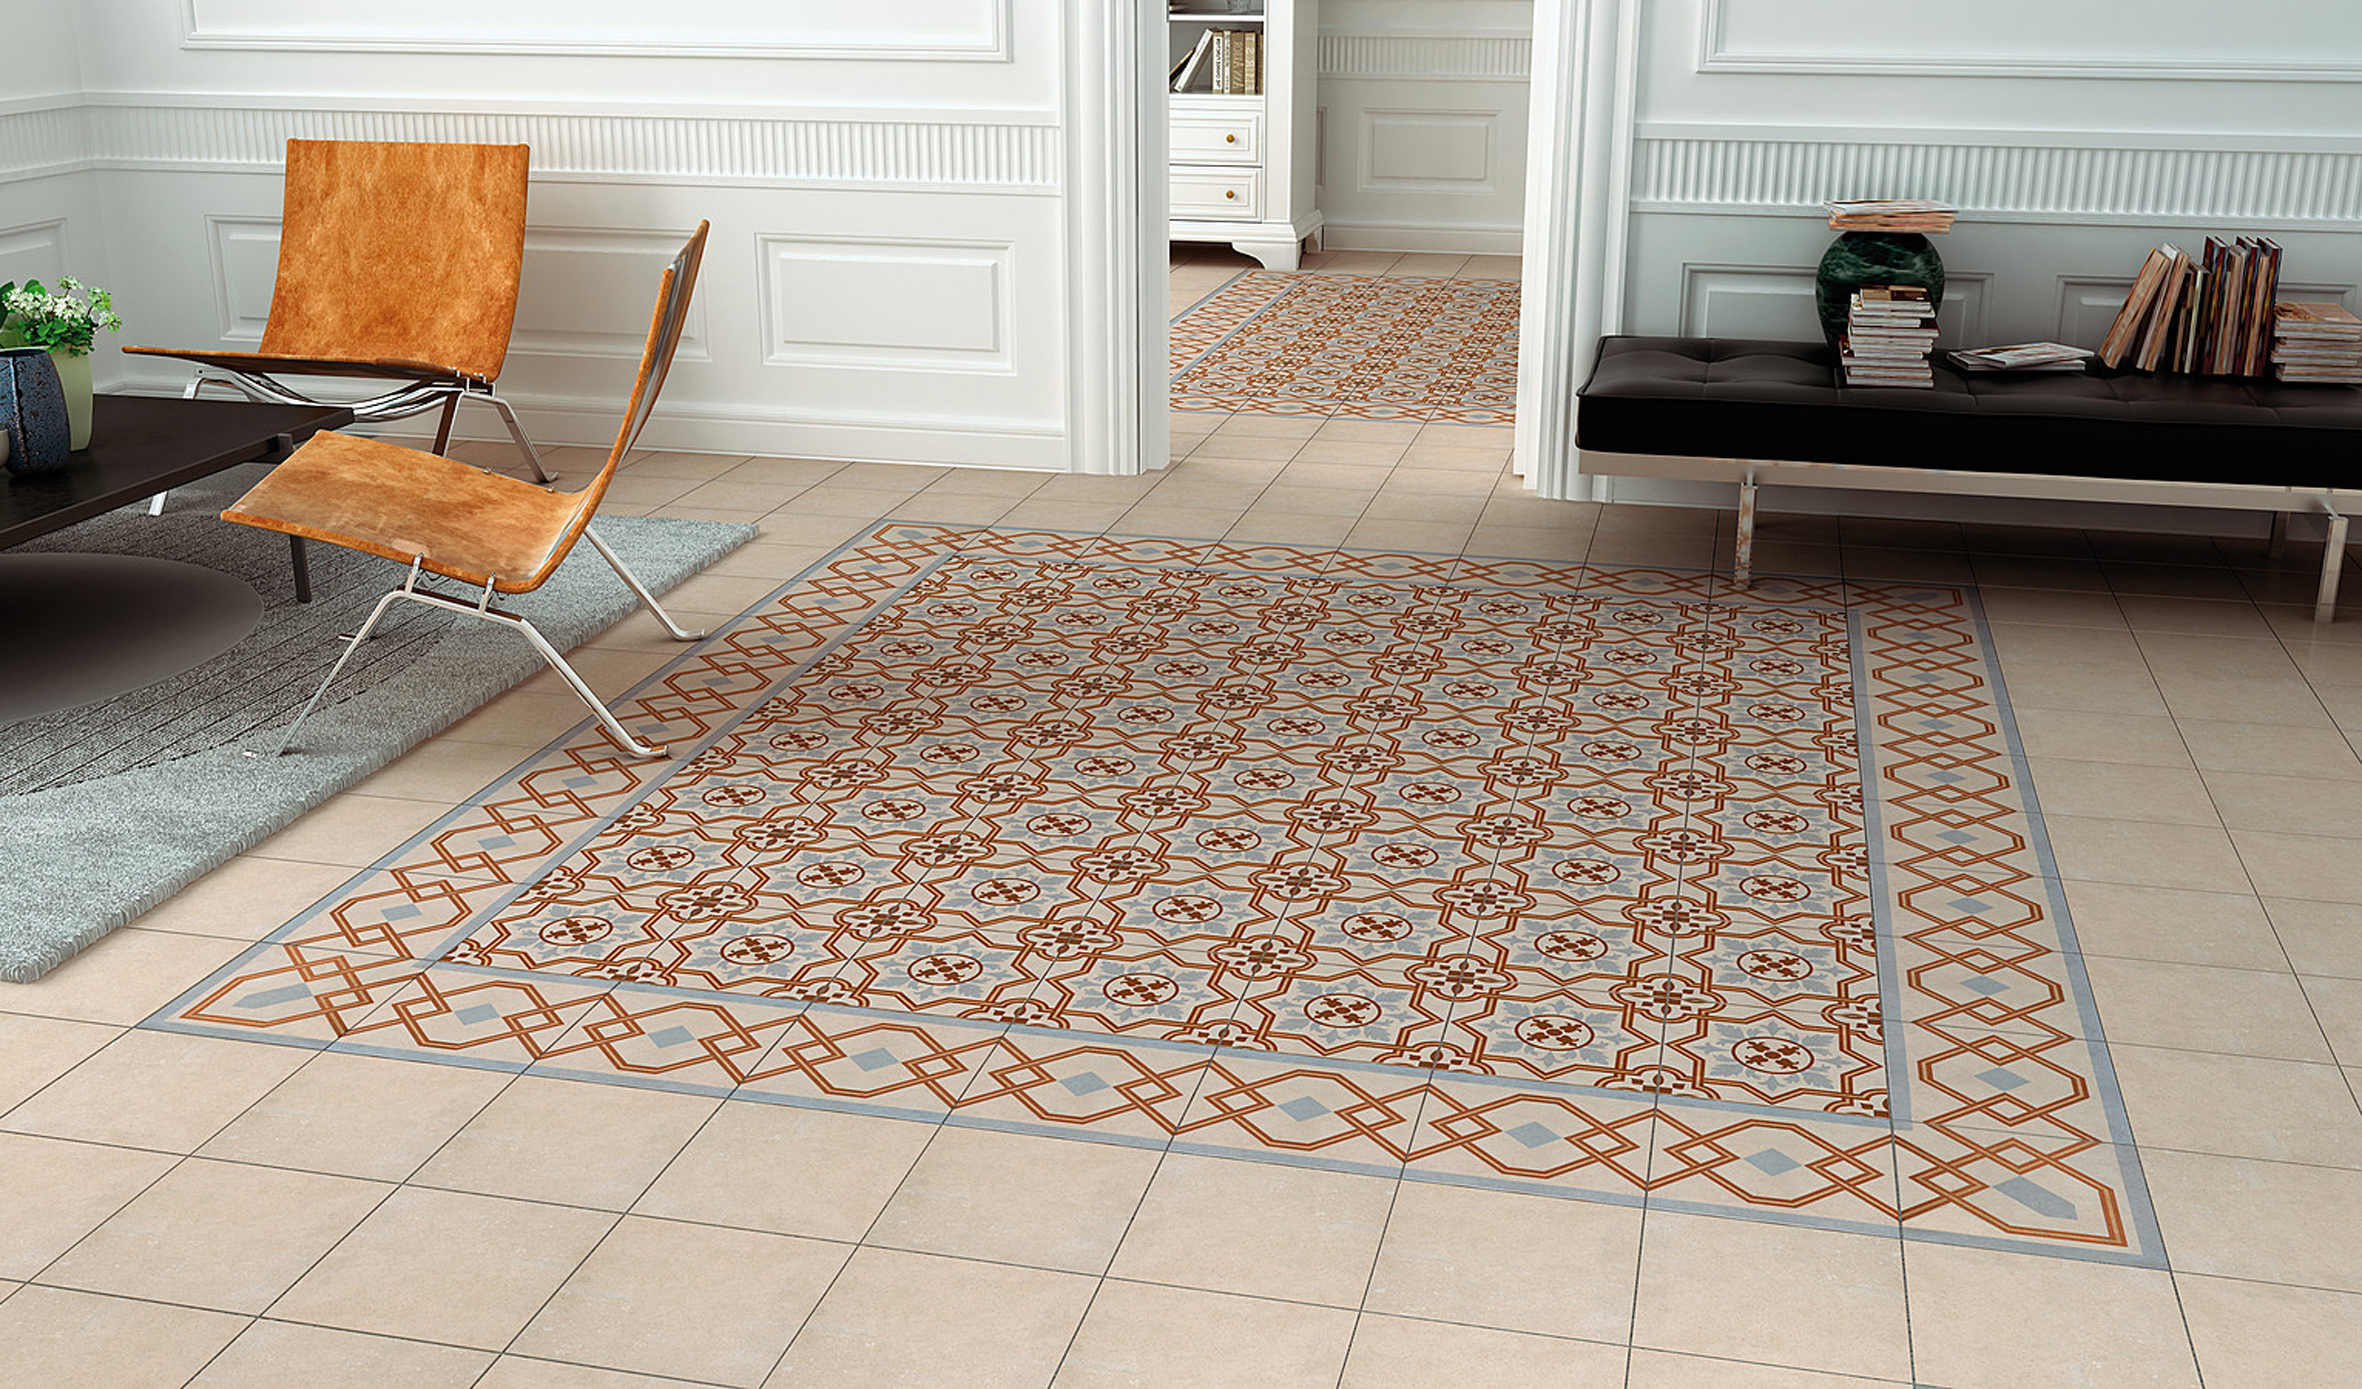 Керамическое покрытие на полу